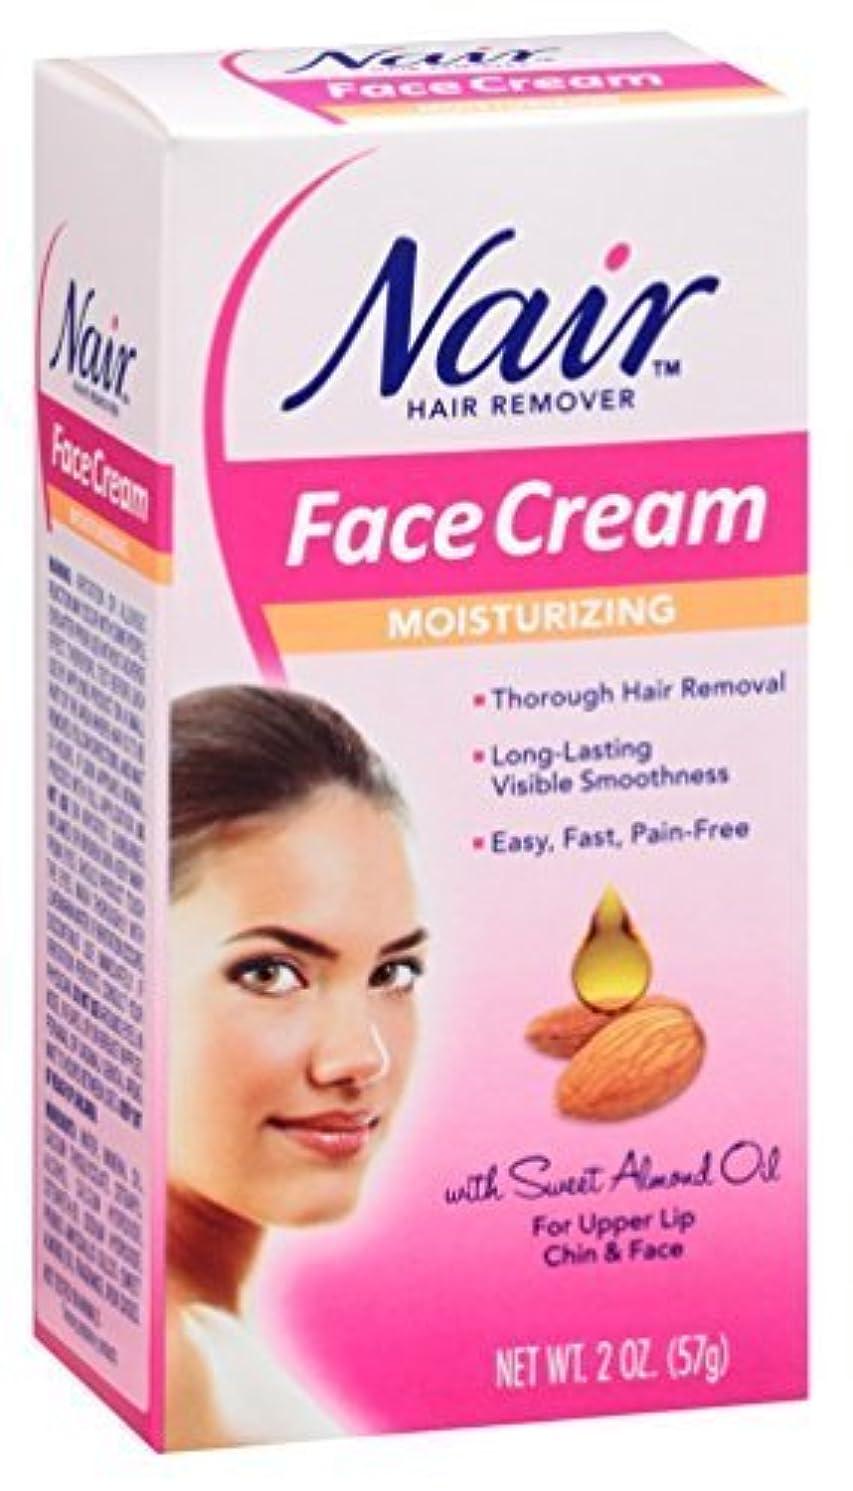 挨拶する大量天皇Nair Moisturizing Face Cream Hair Remover 2 oz by Nair [並行輸入品]